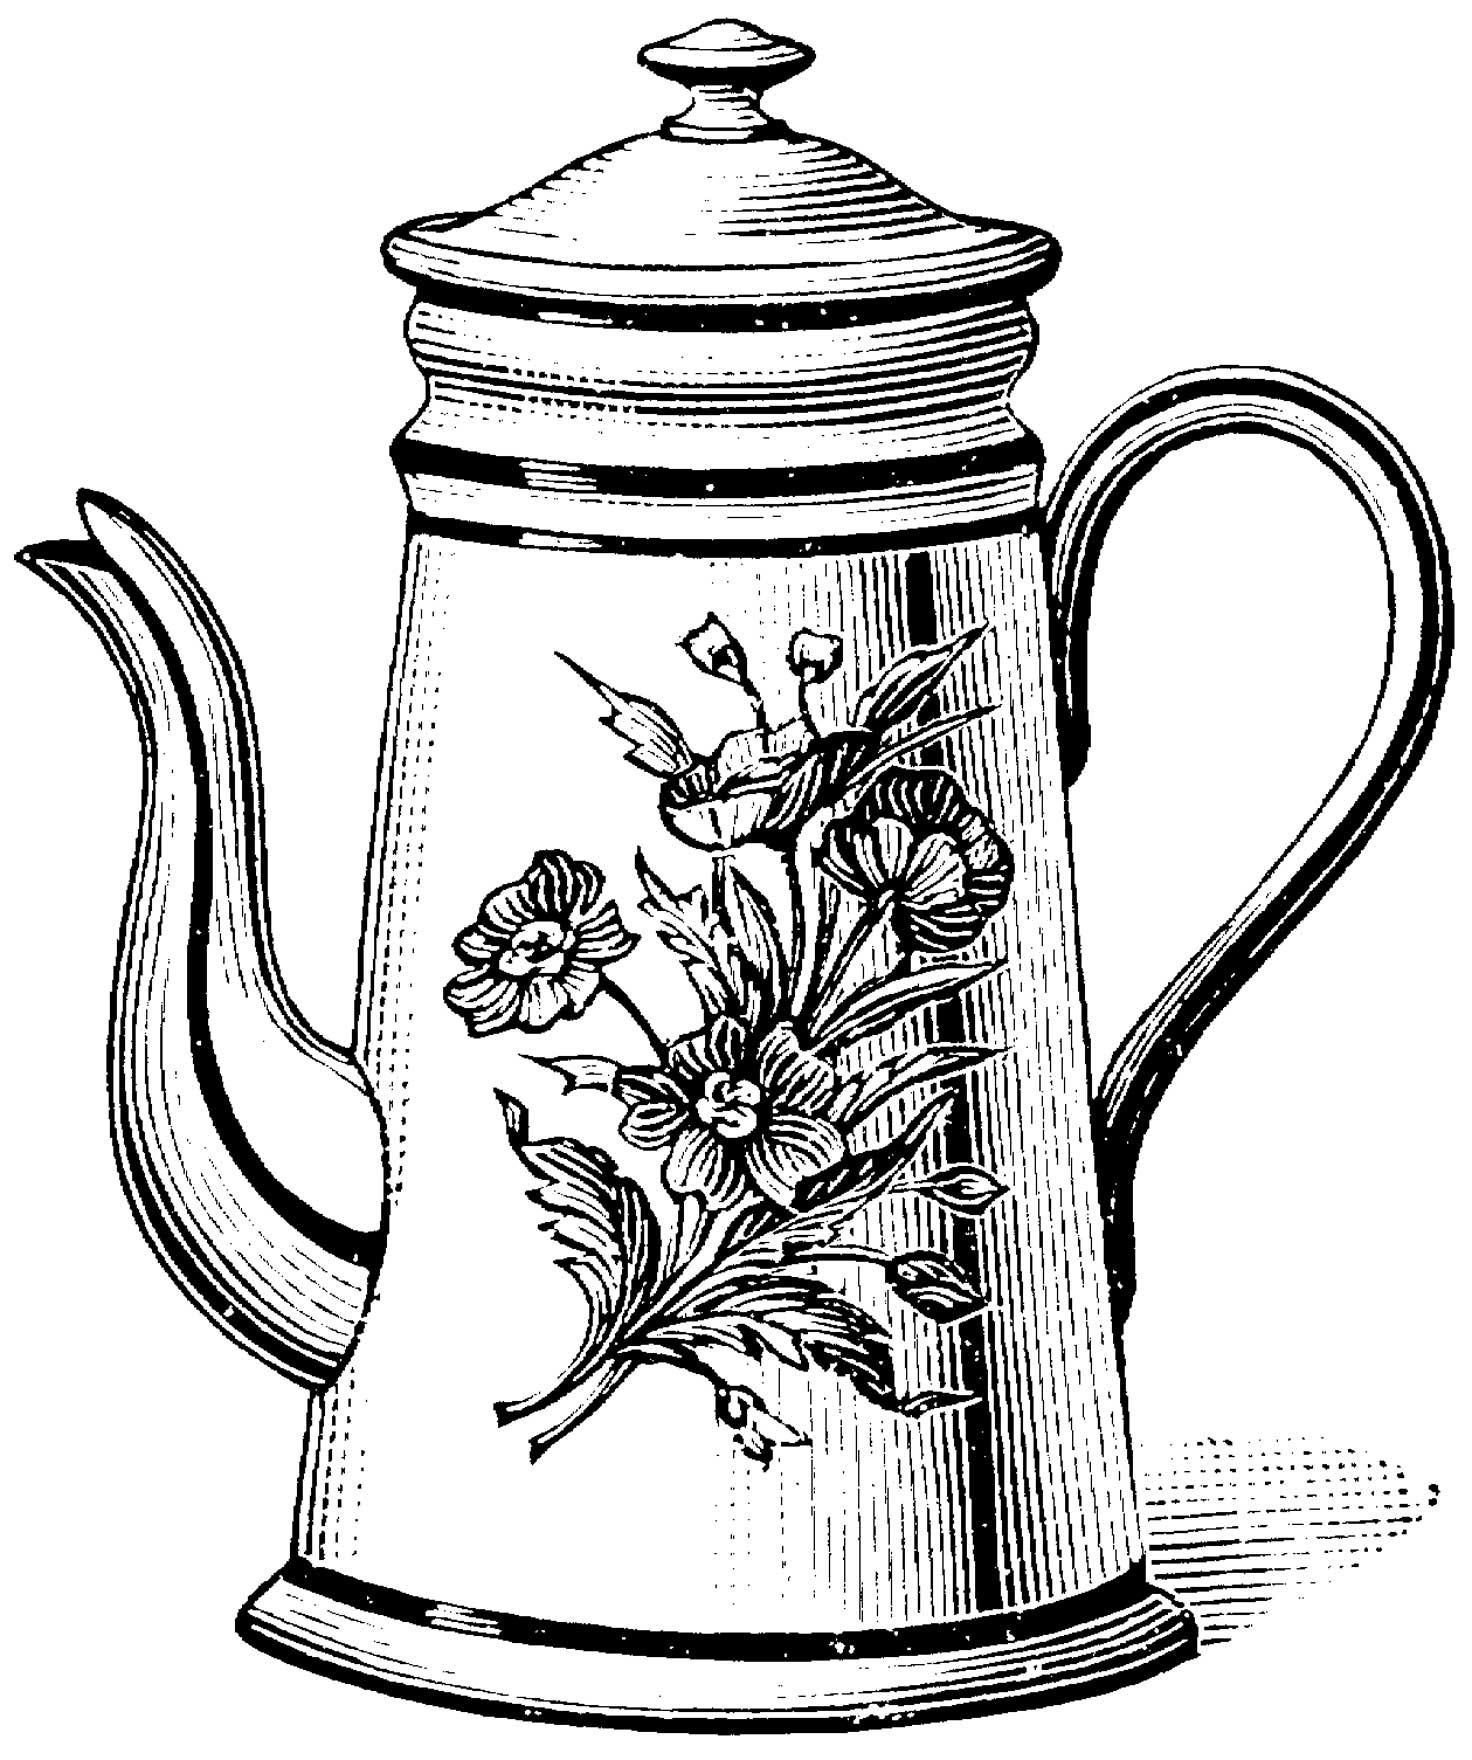 Drawn teacup teapot #5